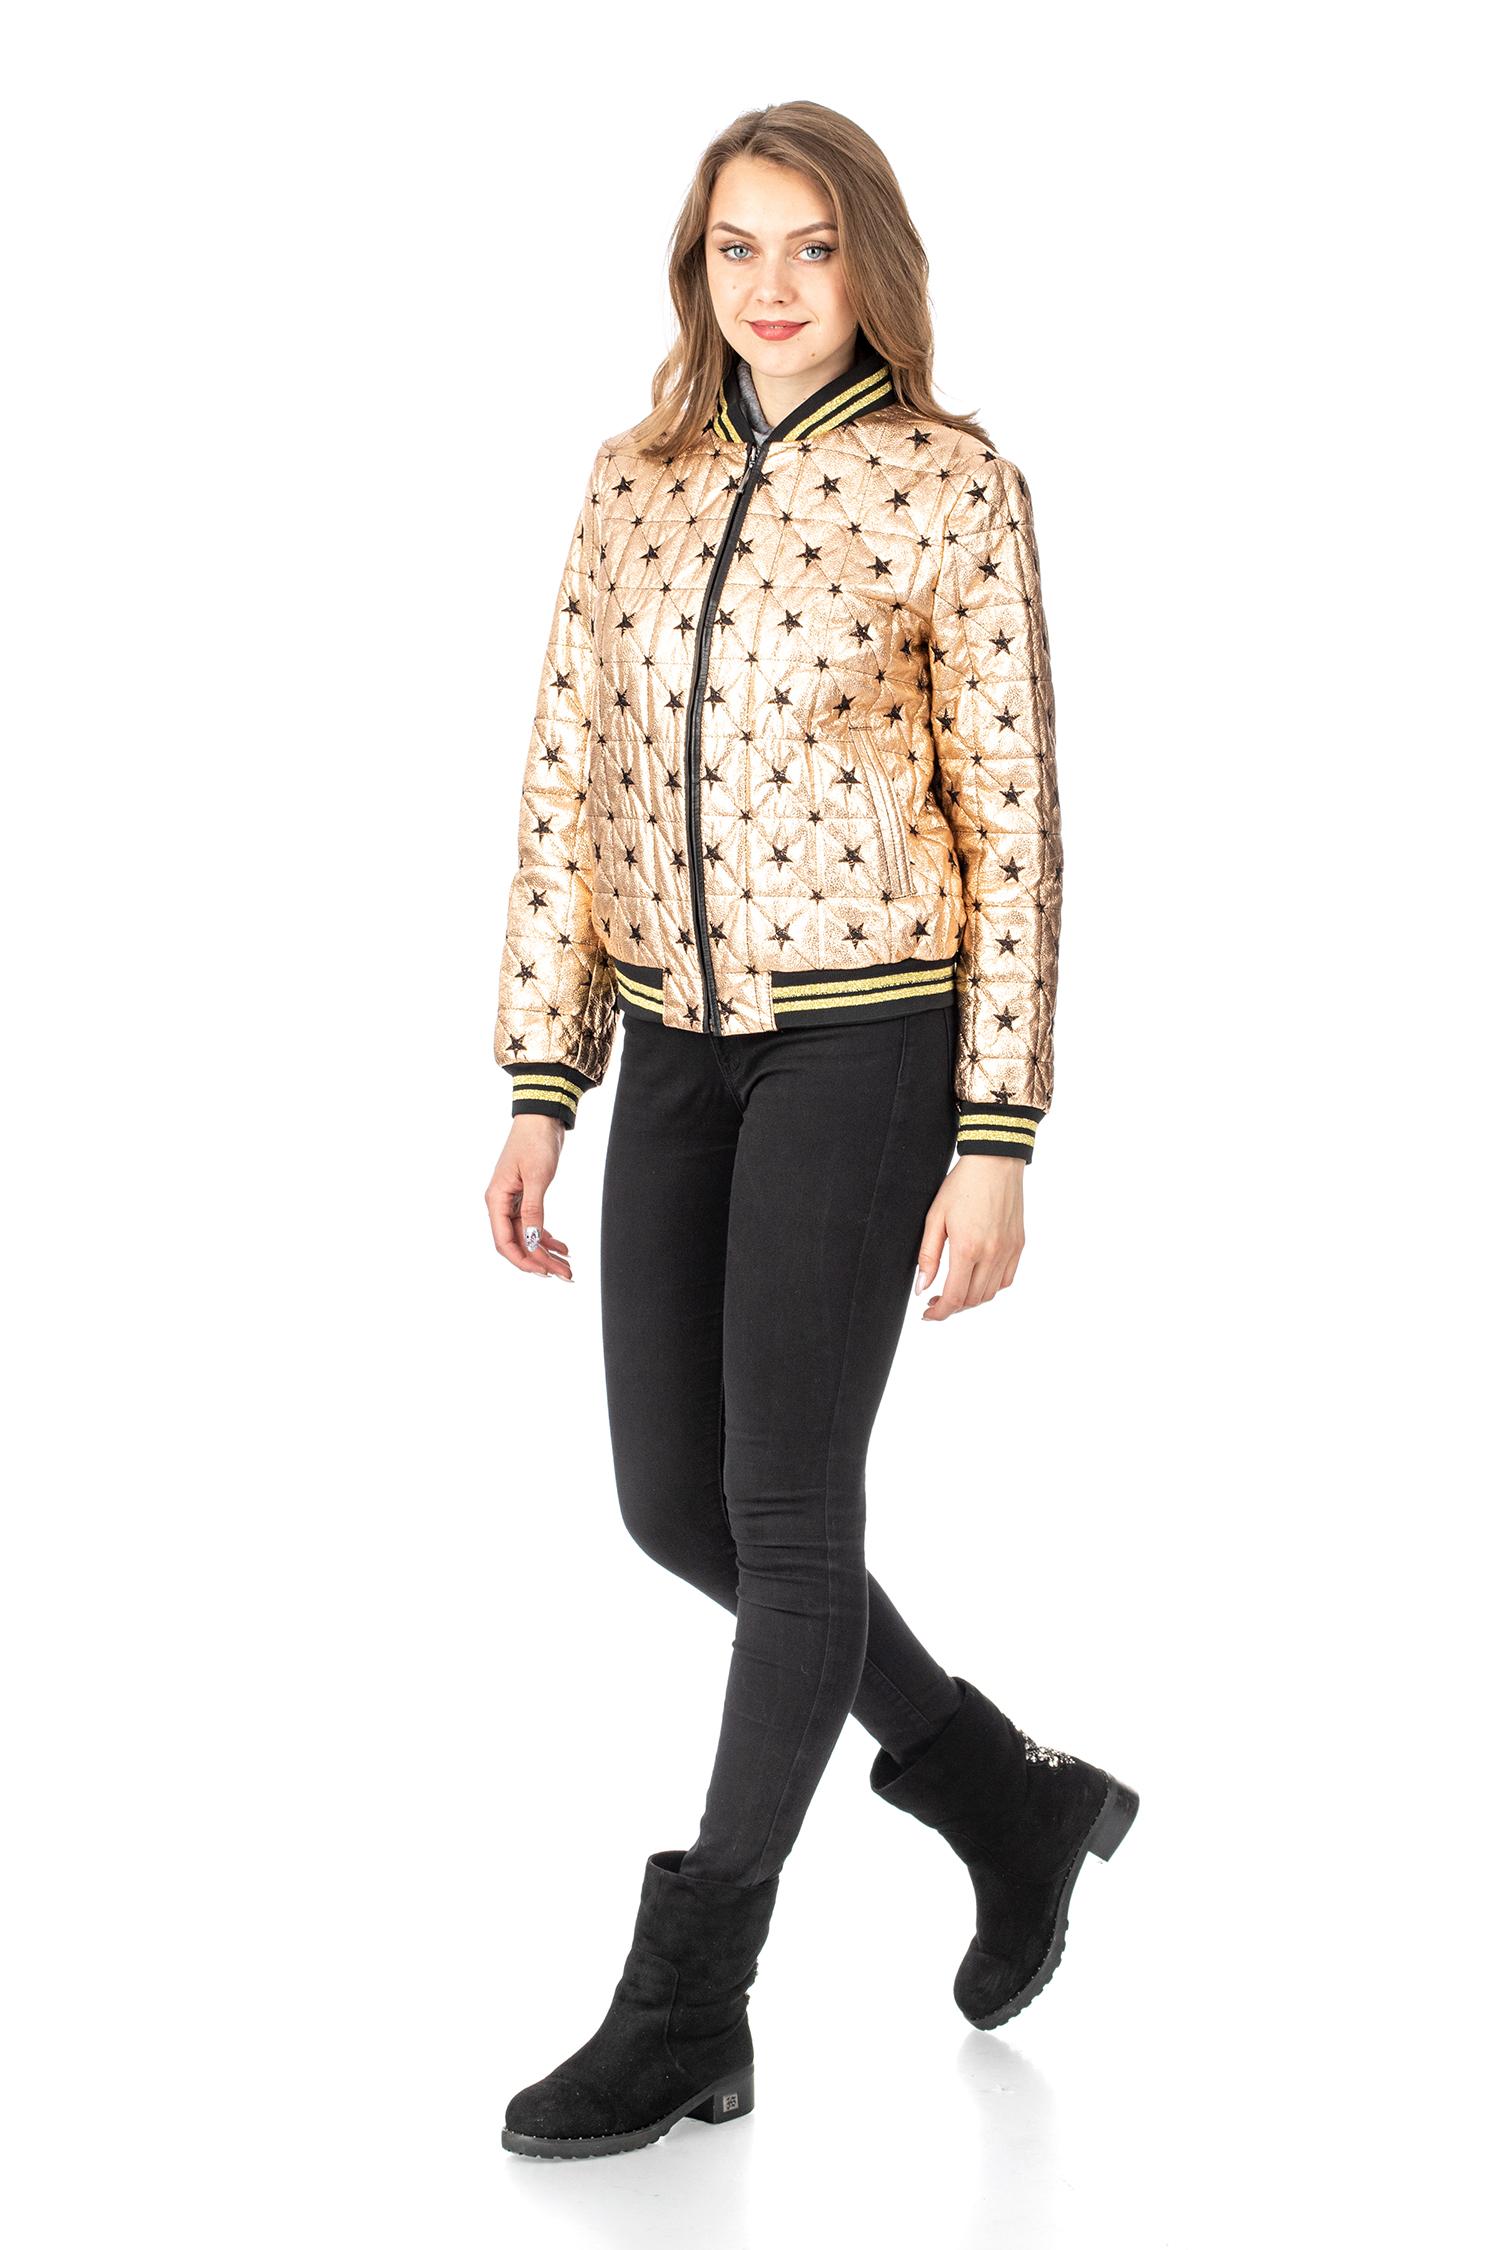 Фото 2 - Женская кожаная куртка из натуральной кожи с воротником от МОСМЕХА золотого цвета